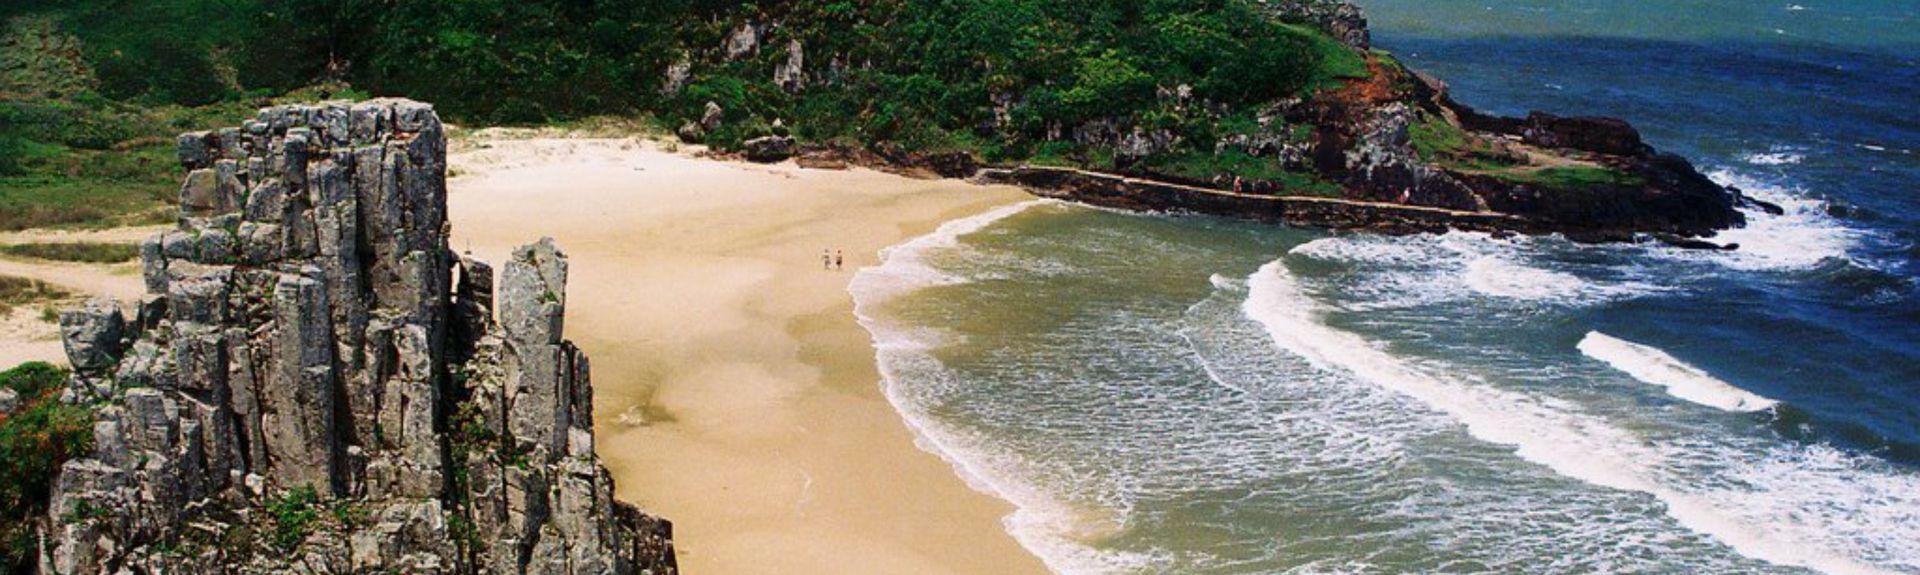 Torres, Rio Grande do Sul (state), Brazil